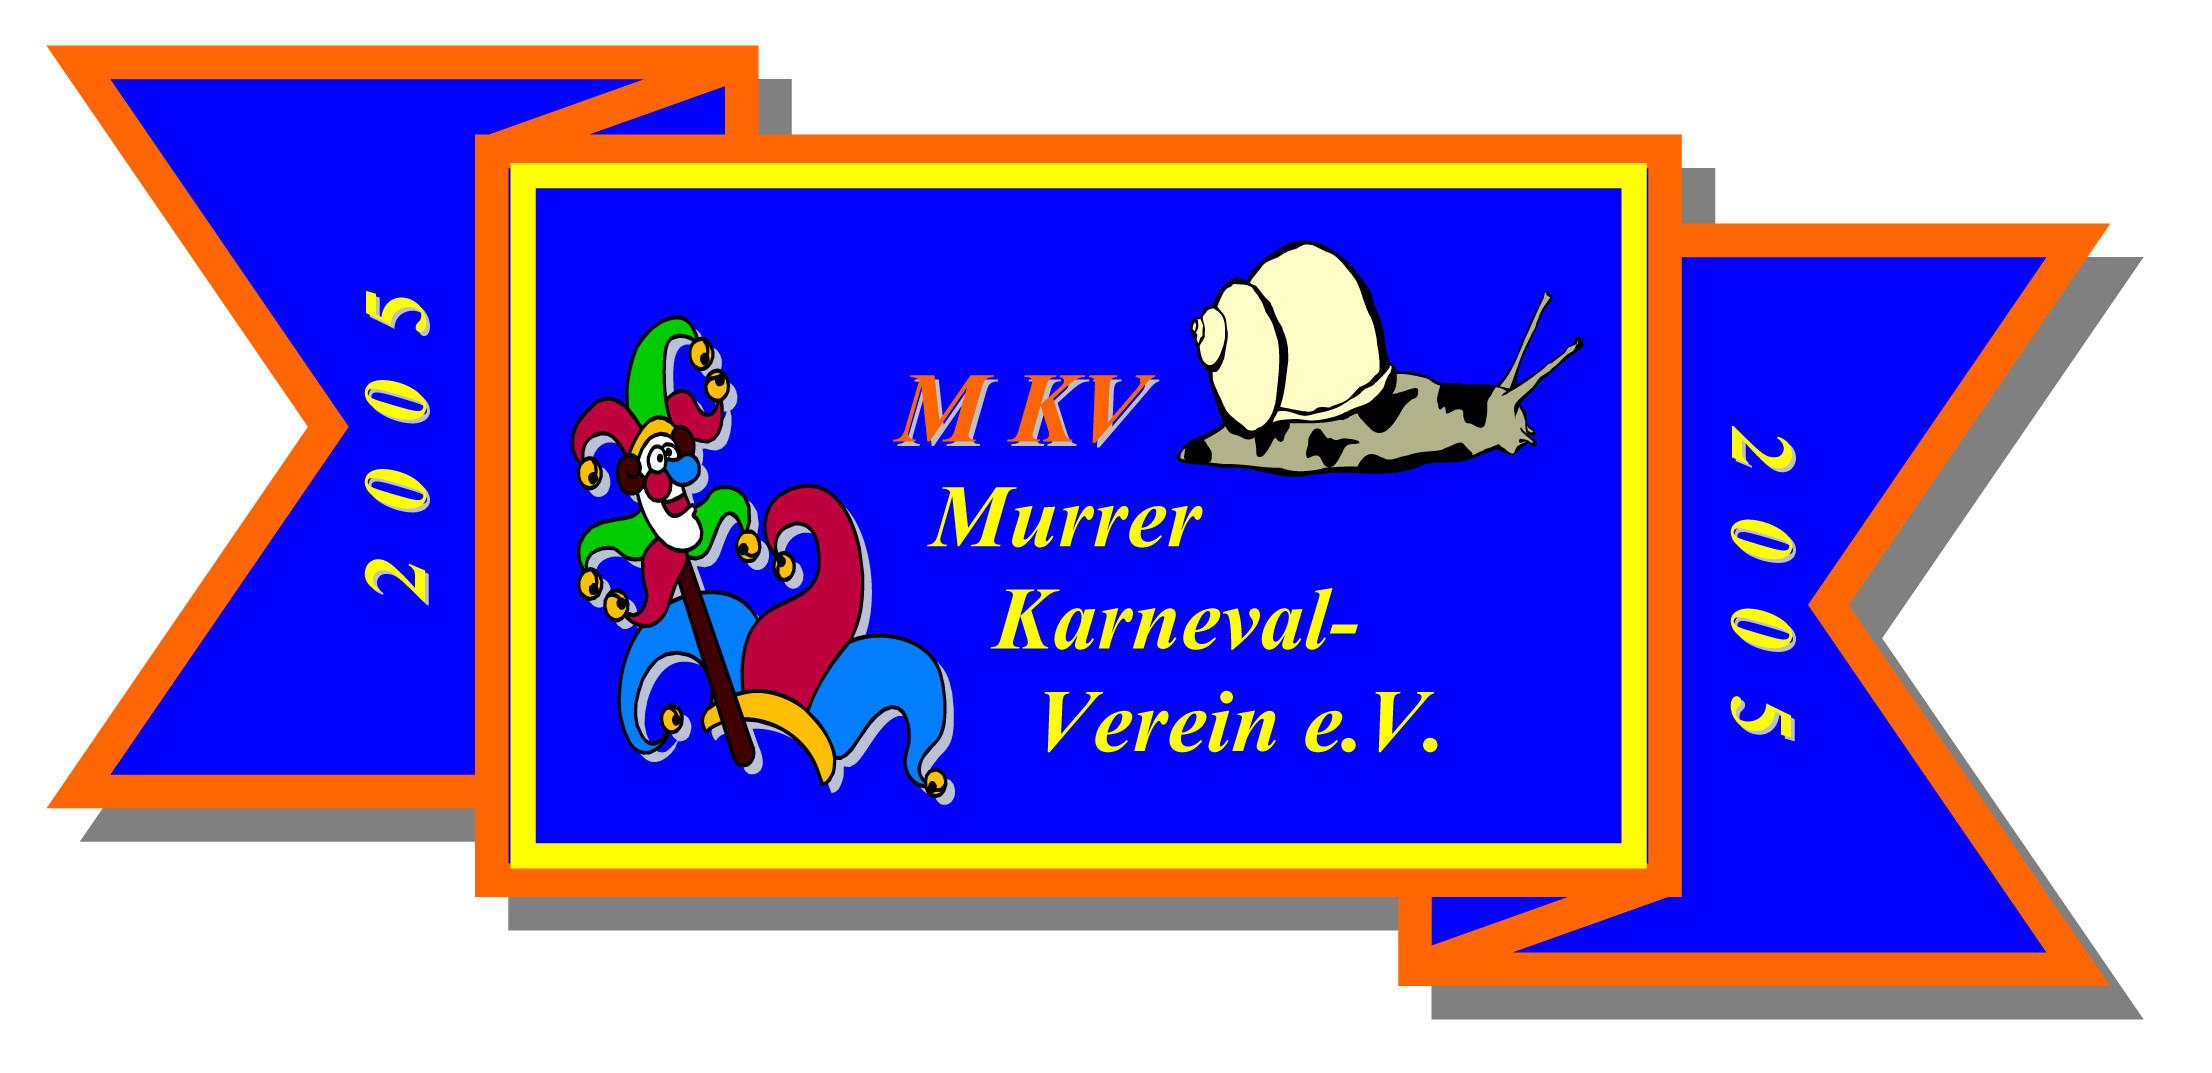 Murrer-Karneval-Verein 2005 e.V.